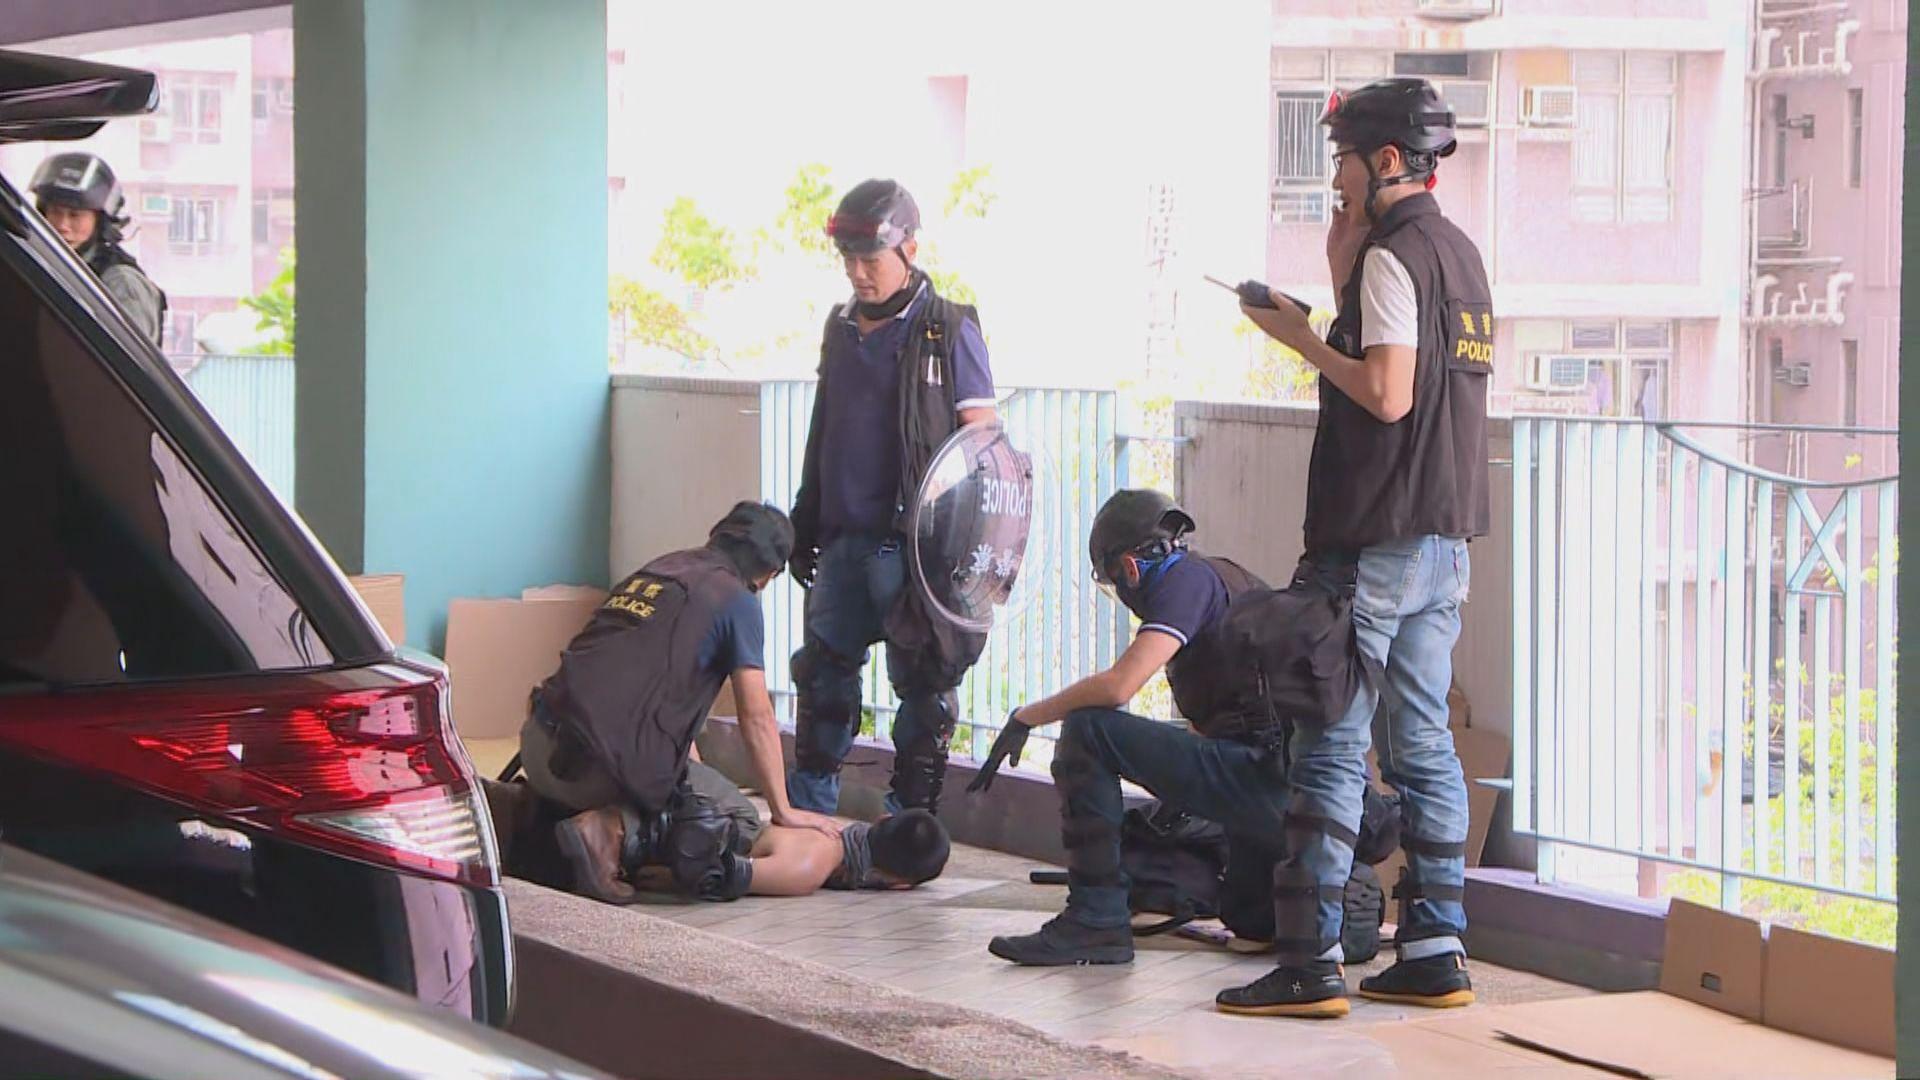 九龍多區反禁蒙面法集會 防暴警制服多人